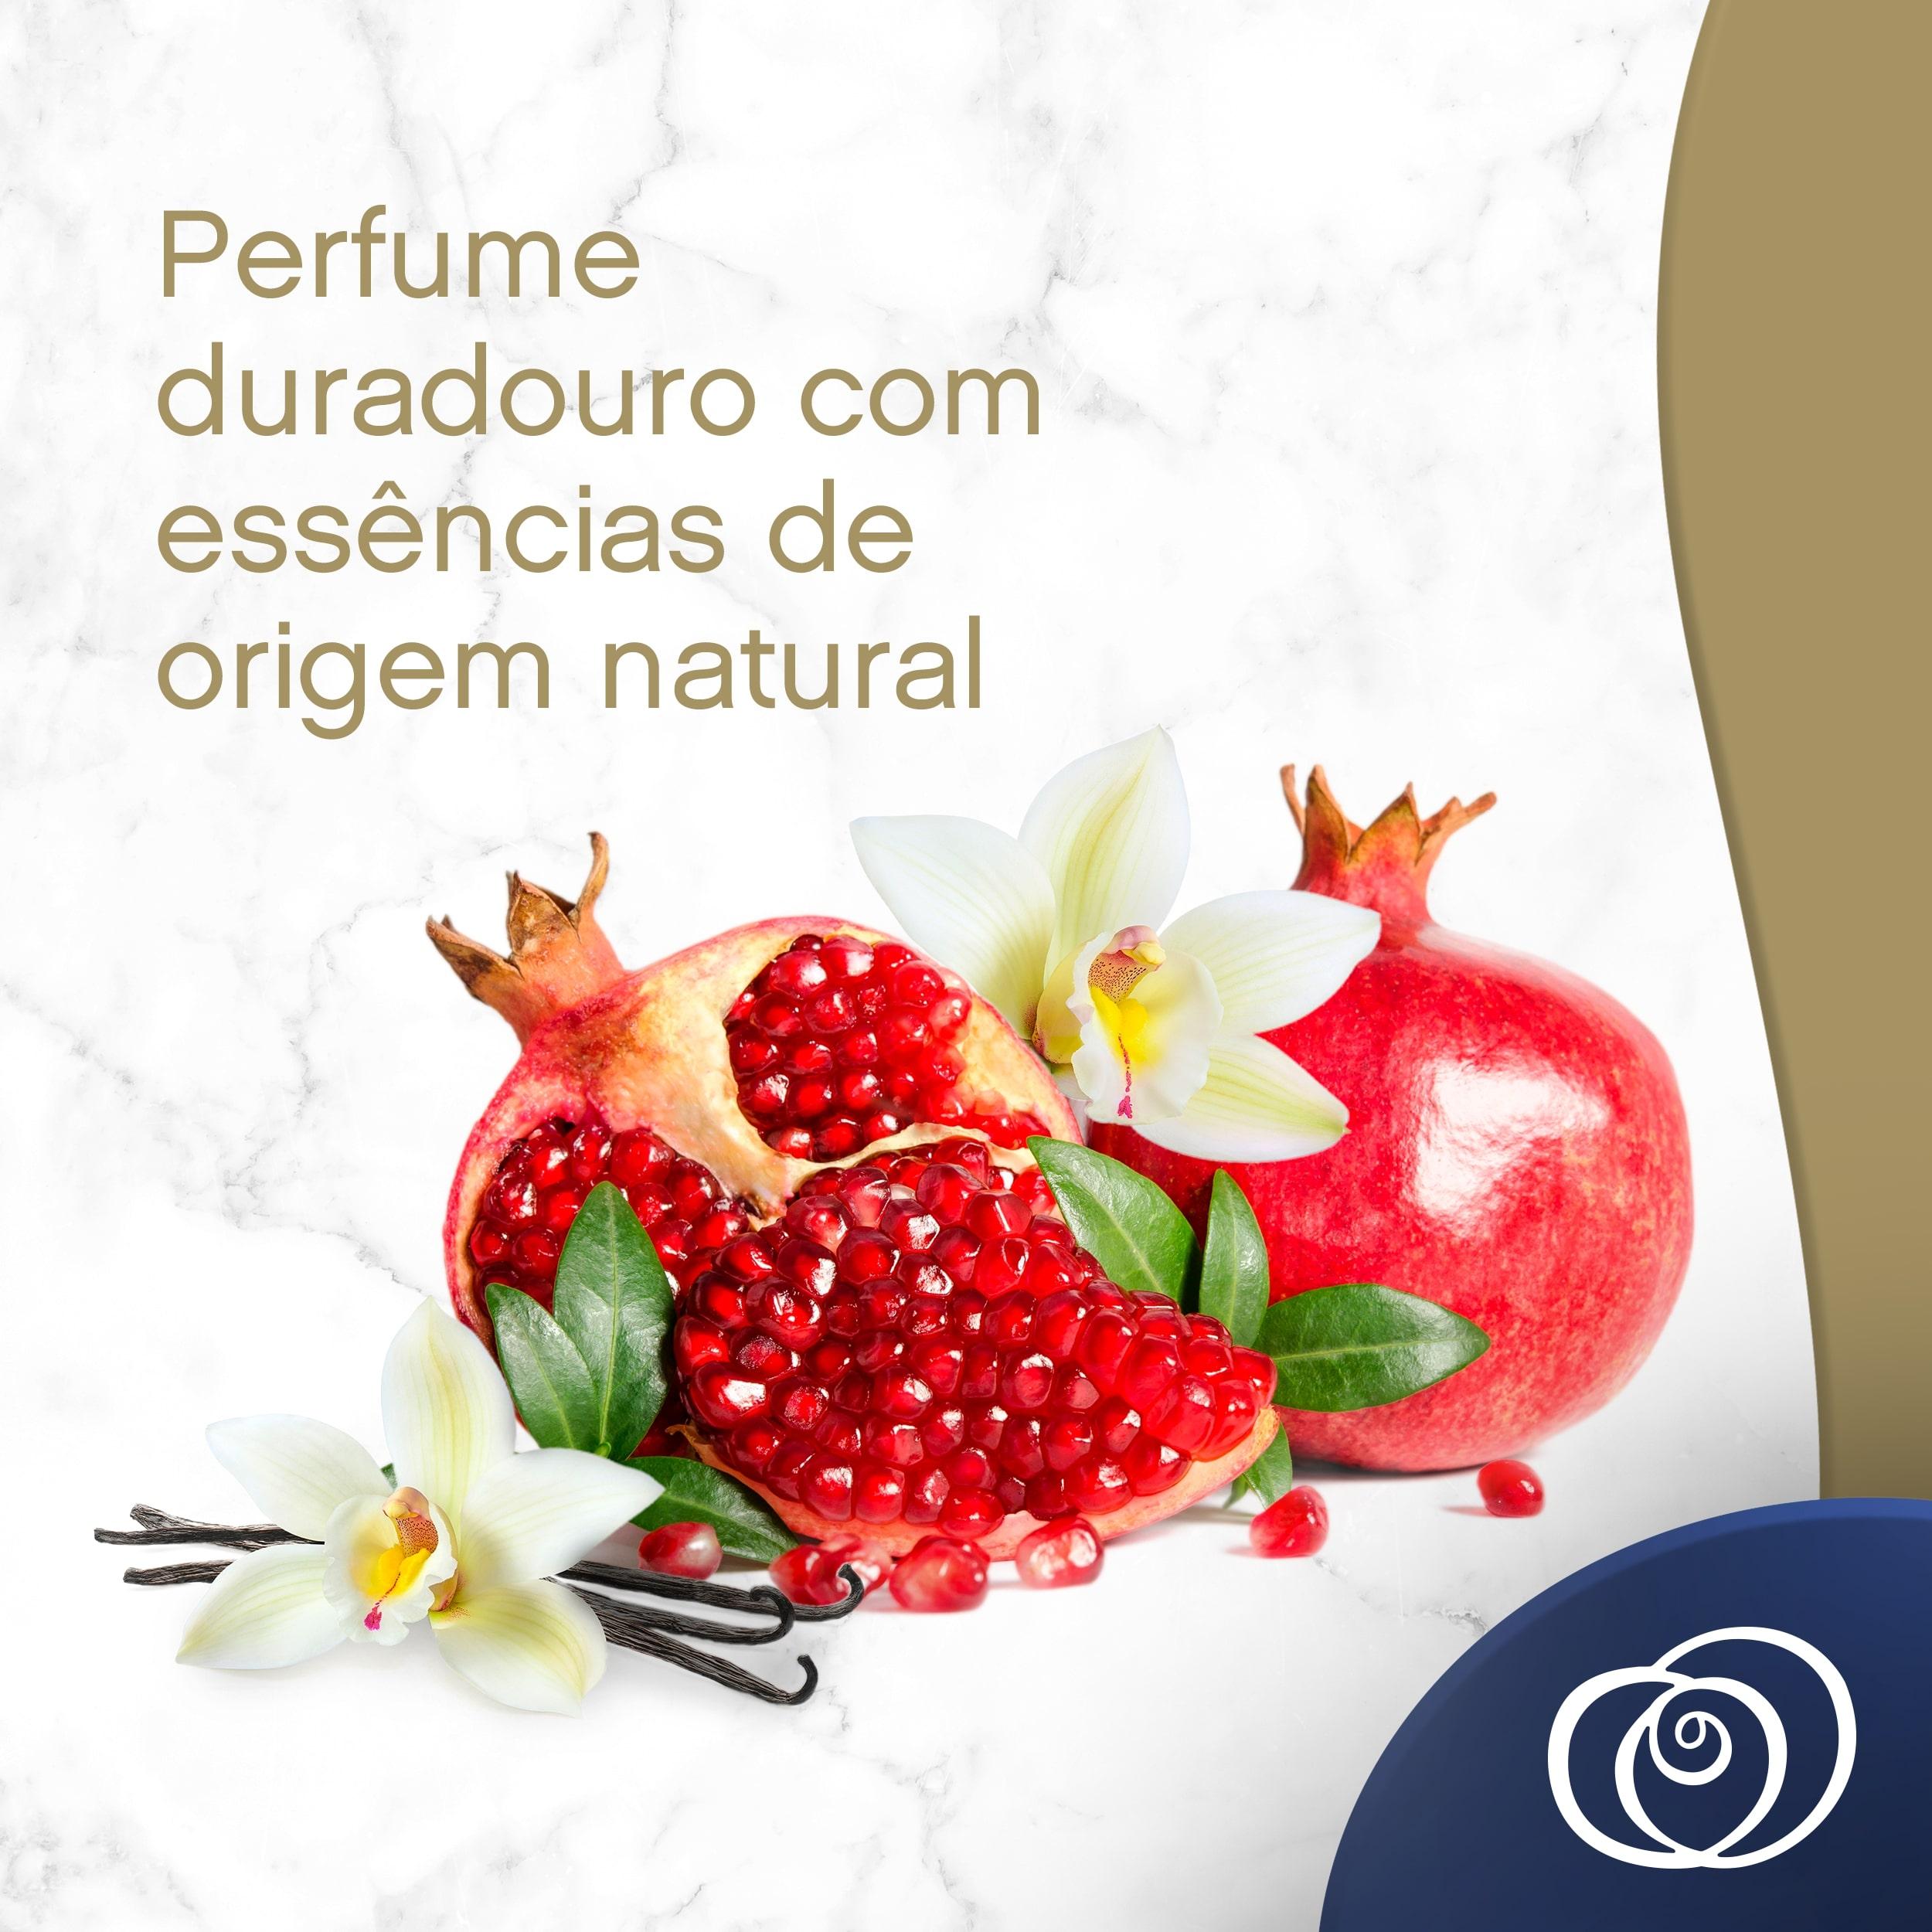 Amaciante Downy Naturals Flor de Romã e Baunilha Secondary 01